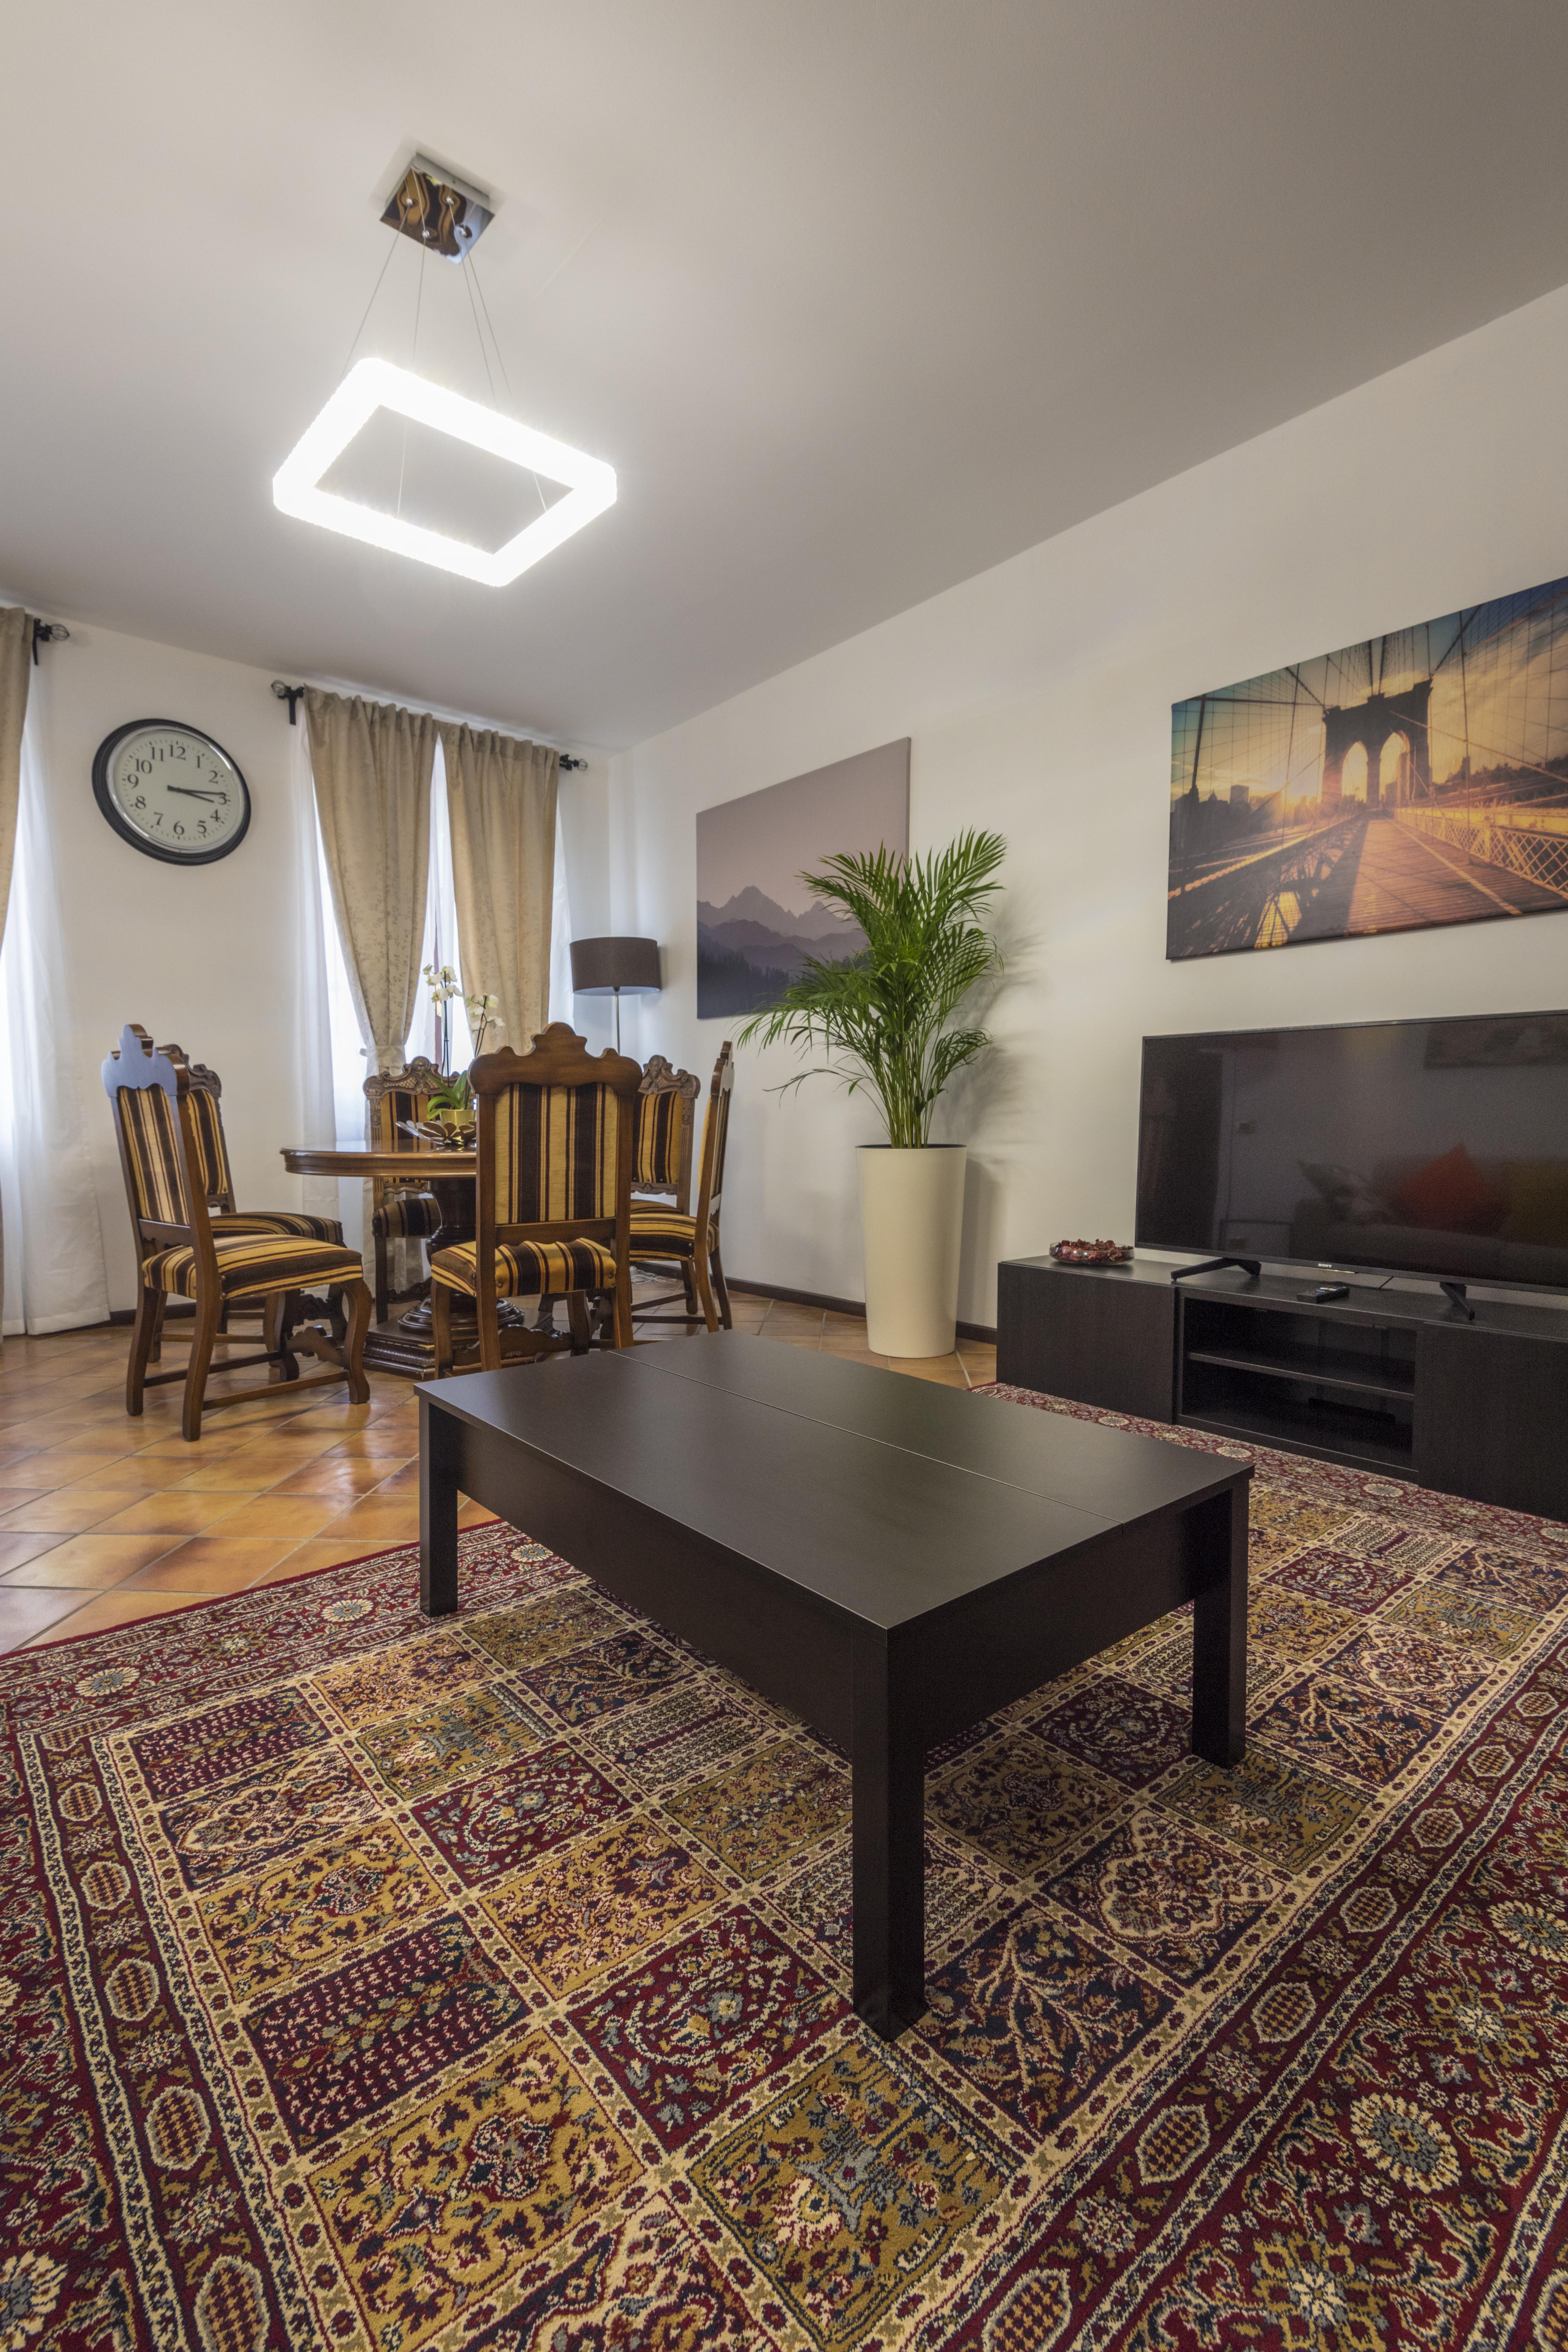 Spostare La Cucina Sul Balcone inpiazza, appartamento signorile - apartments for rent in